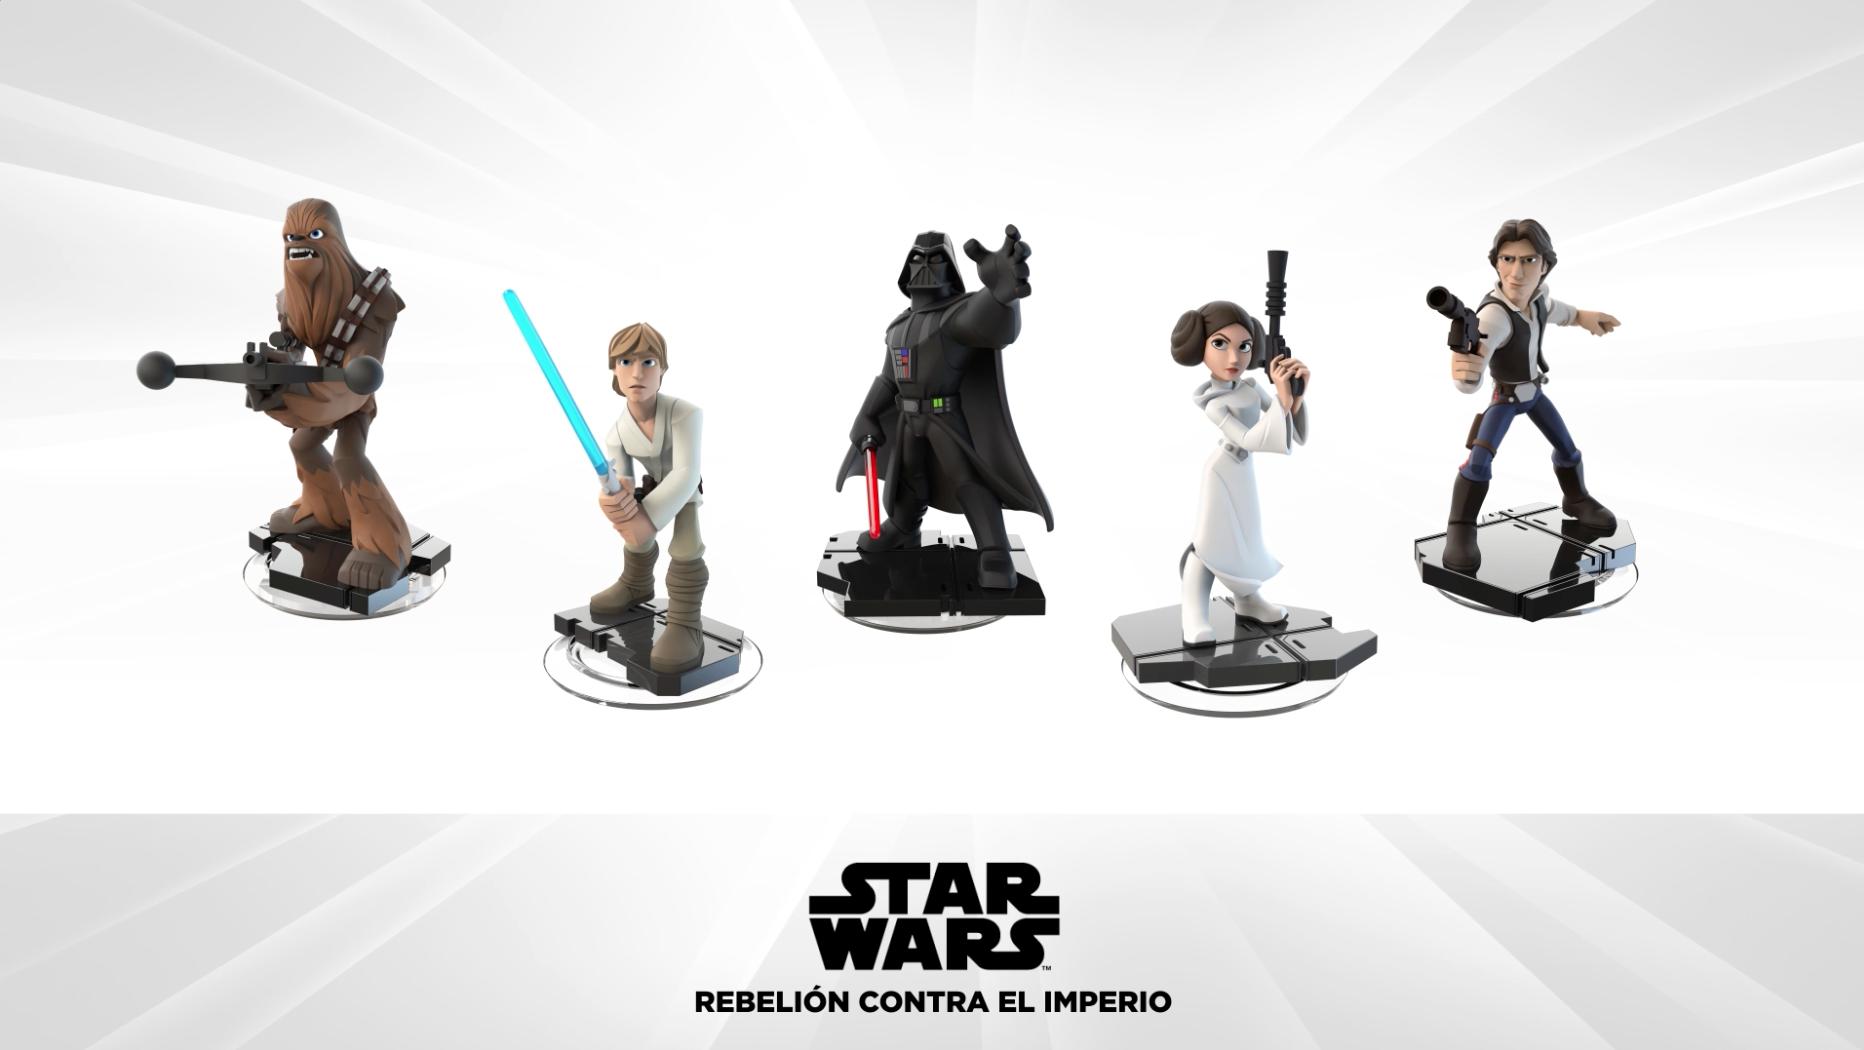 Disney Infinity 3.0: Star Wars Rebelión contra el Imperio